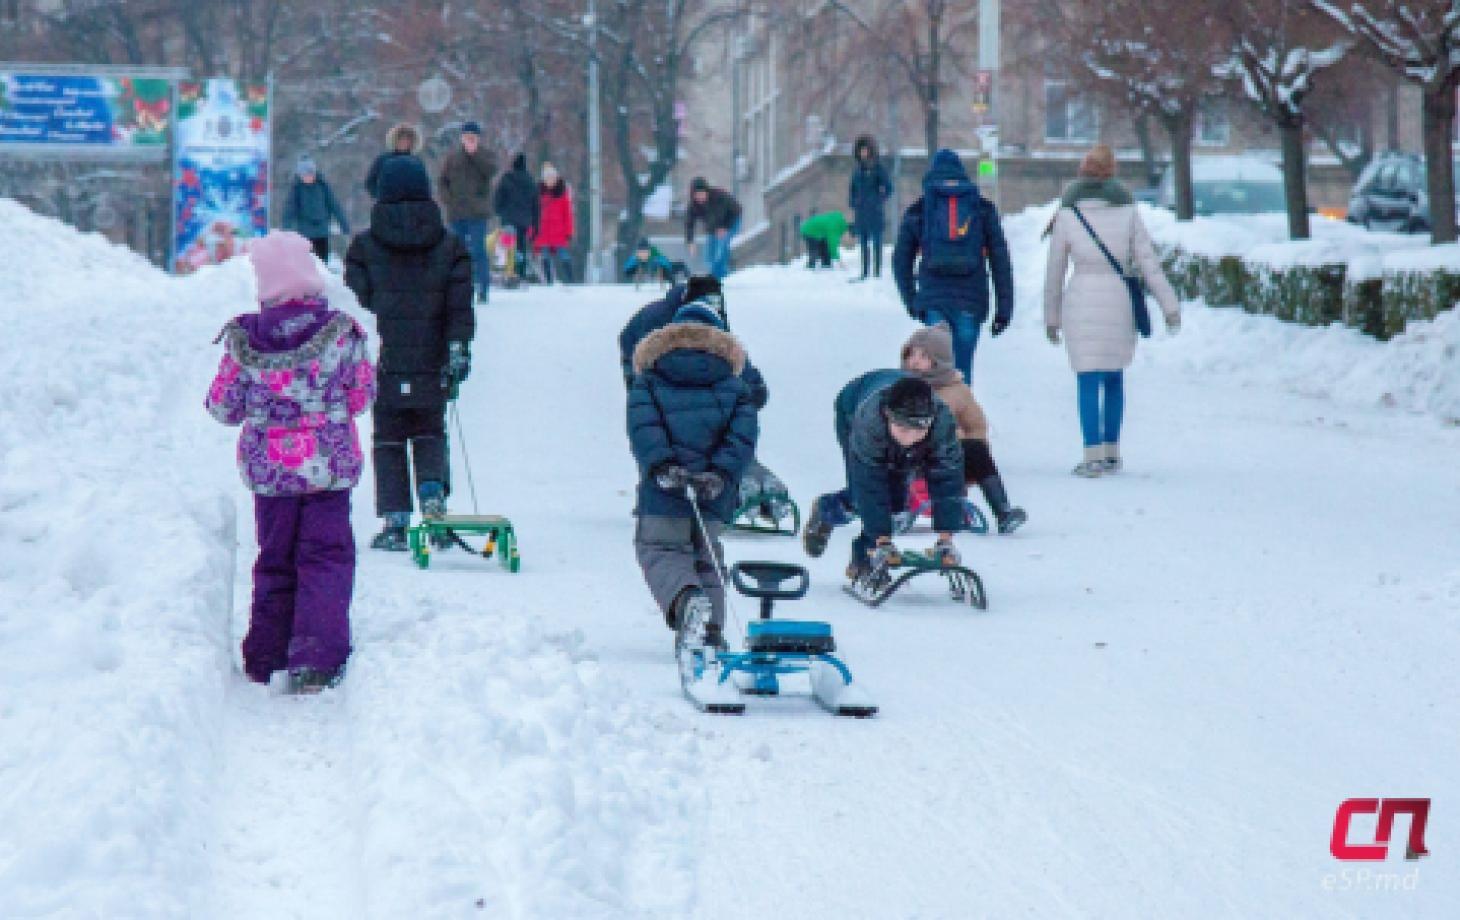 Дети катаются на санках с горки